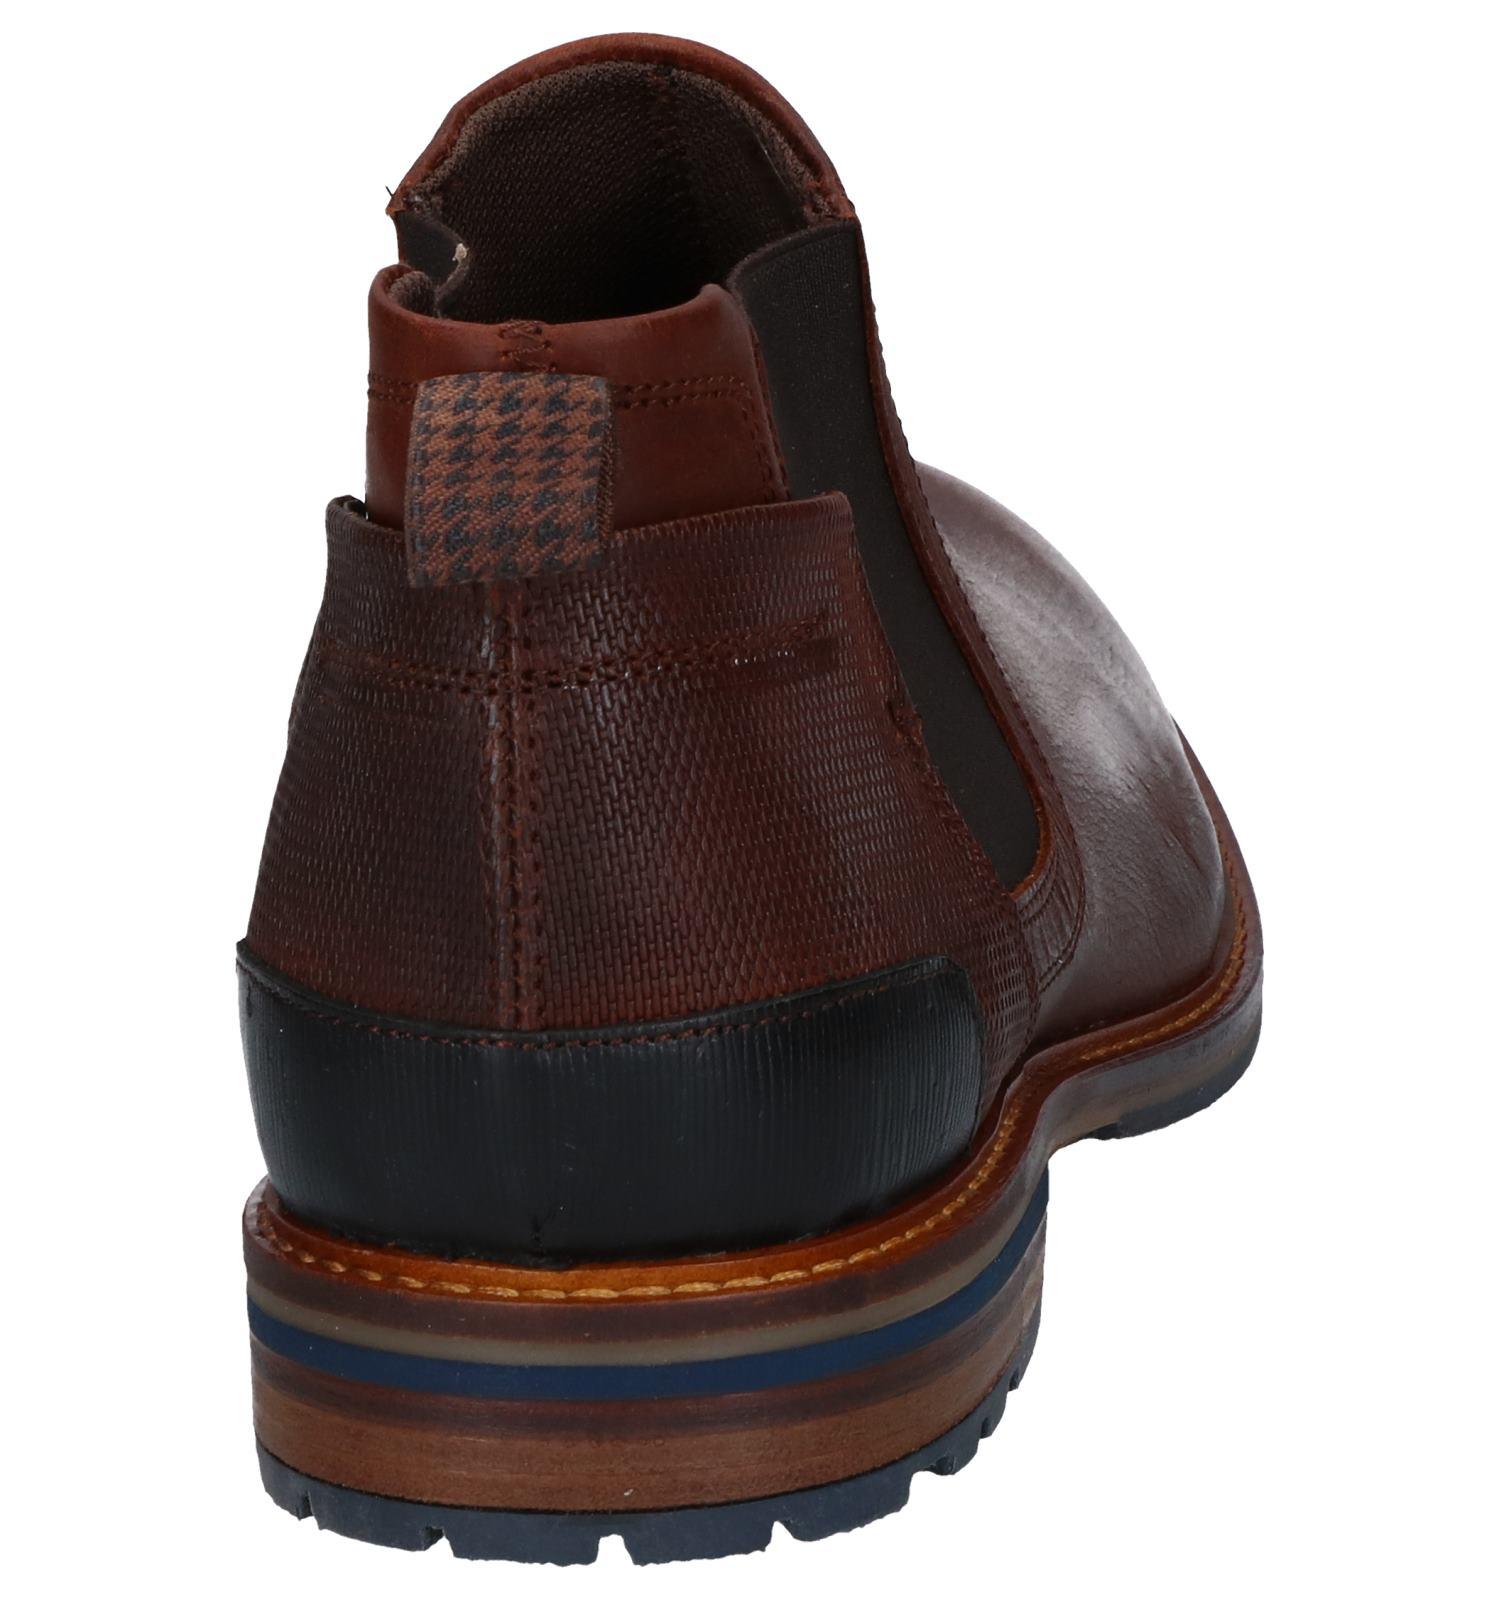 Chelsea Chelsea Bullboxer Bullboxer Boots Boots Cognac Cognac 8nkOP0w